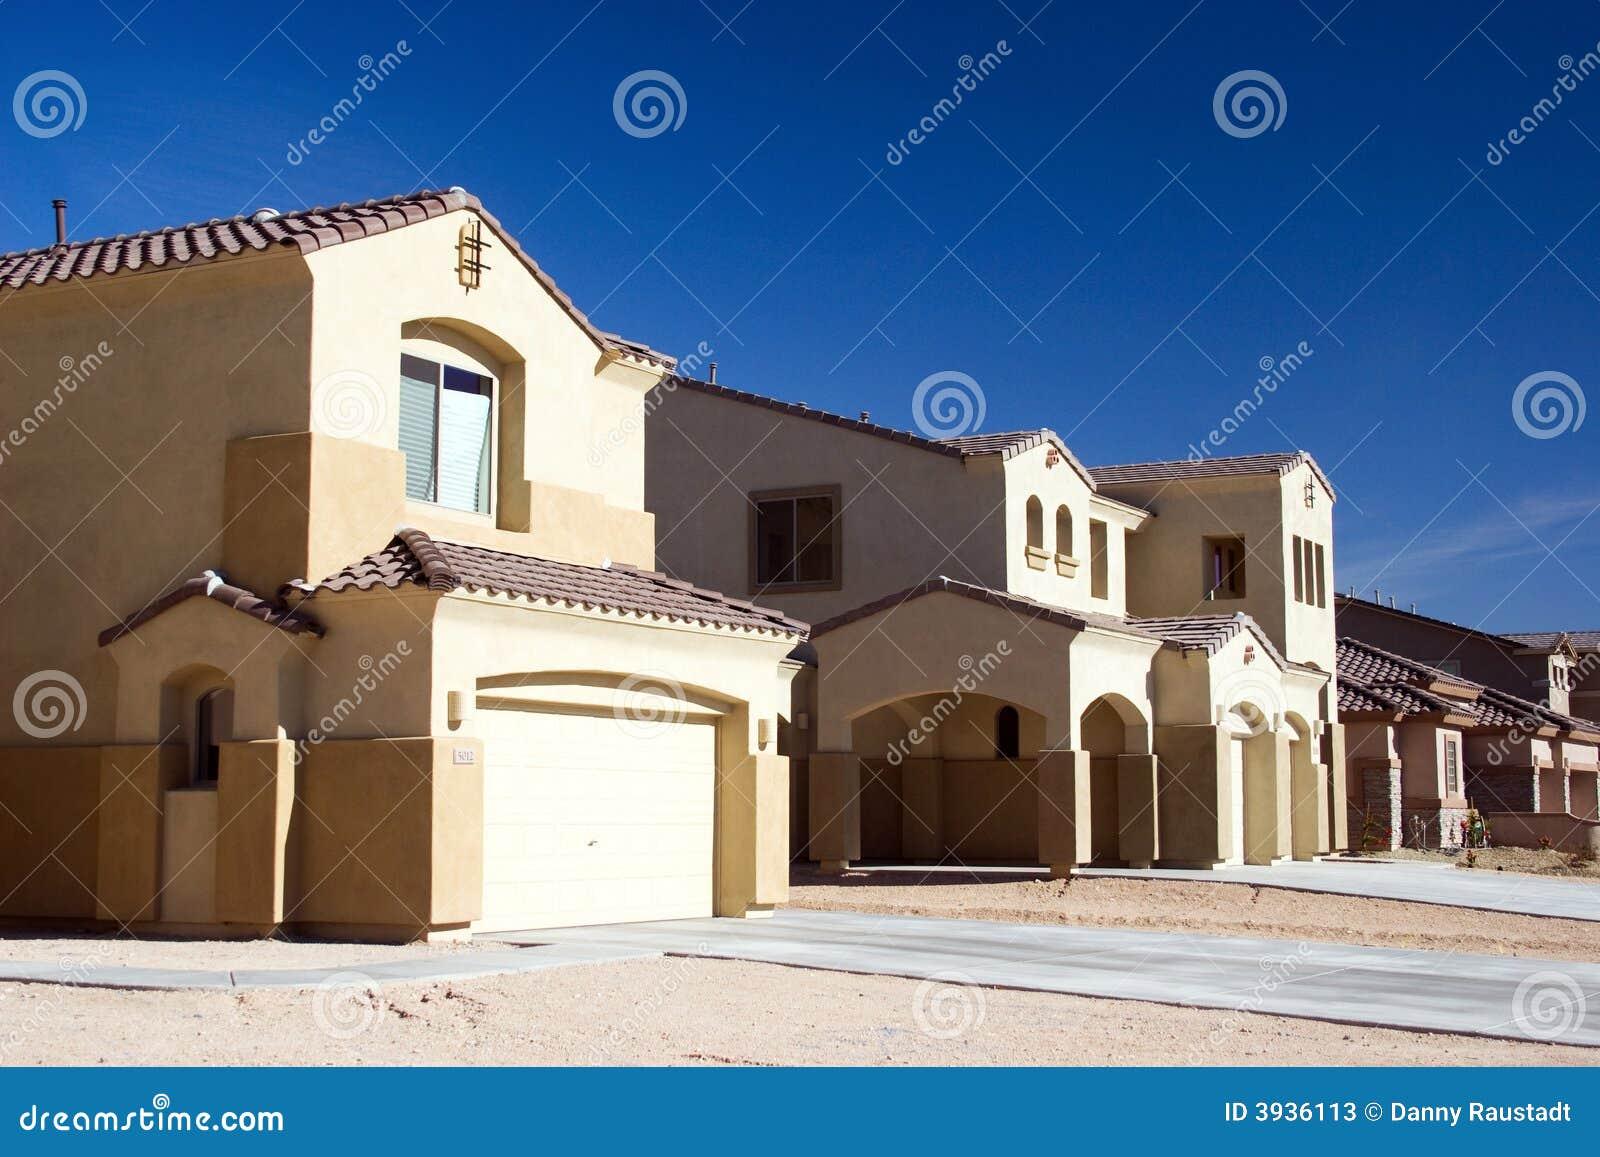 Case moderne nel deserto fotografie stock immagine 3936113 - Case moderne immagini ...